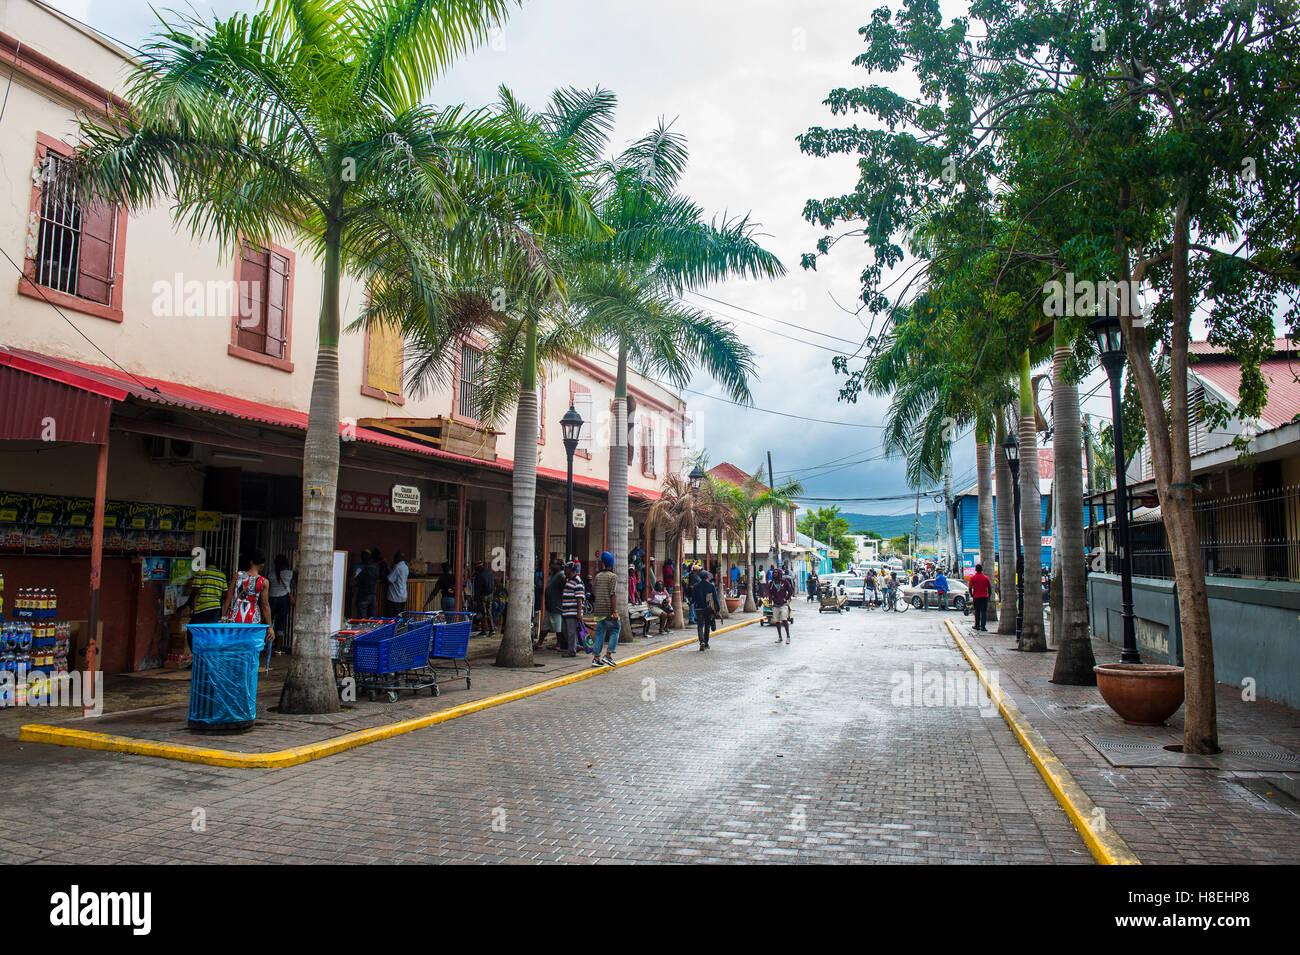 Edificios históricos, Falmouth, Jamaica, Antillas, Caribe, América Central Foto de stock